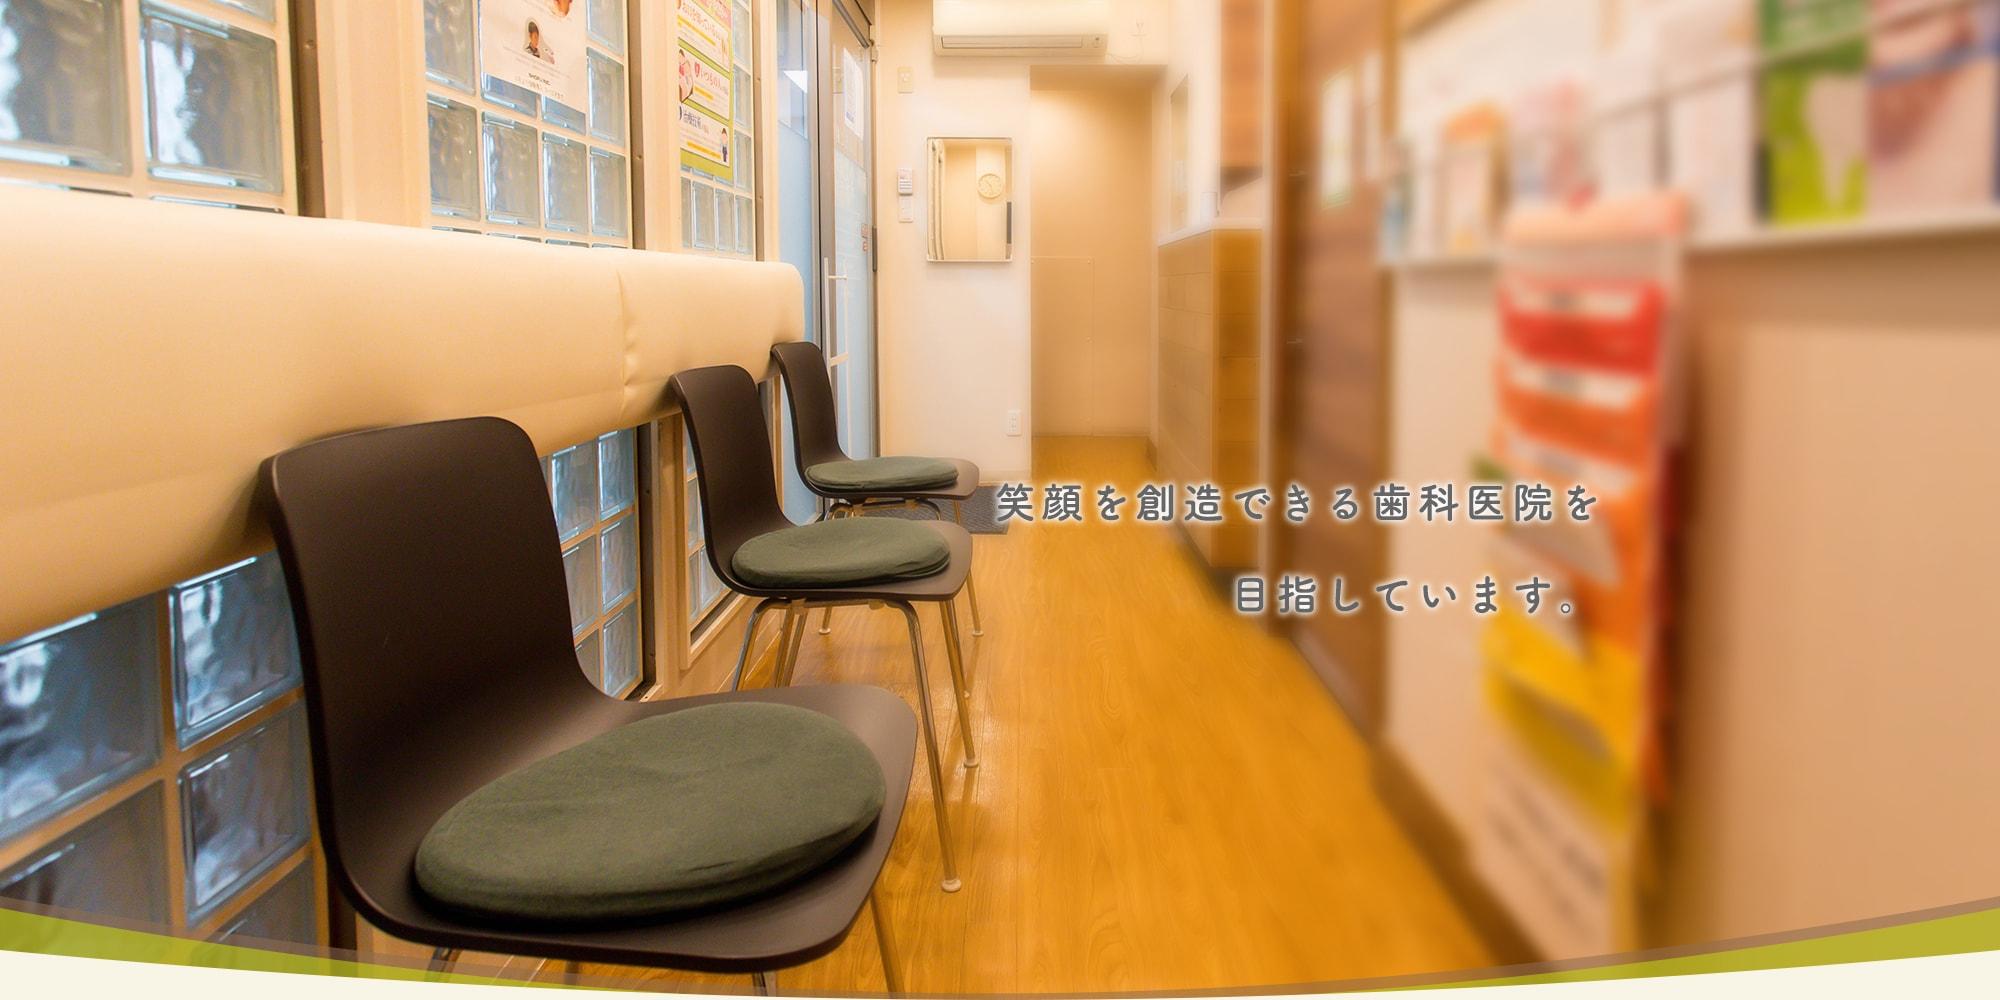 笑顔を創造できる歯科医院を目指しています。